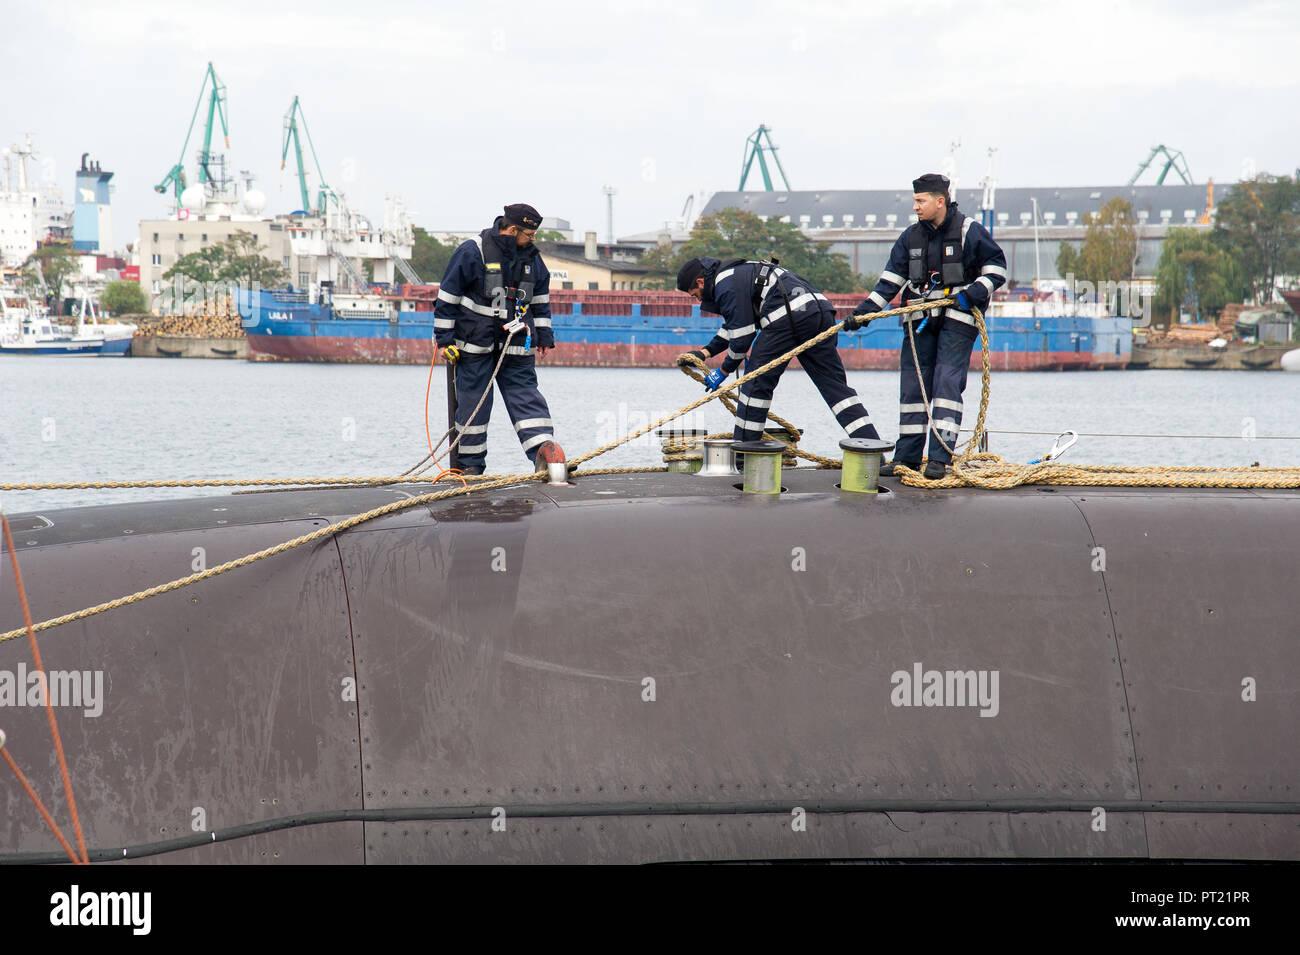 Gdynia, Poland. 05th Oct, 2018. German Type 212A submarine U-31 (S181) of Deutsche Marine (German Navy) arrived to port of Gdynia, Poland. October 5th 2018 © Wojciech Strozyk / Alamy Live News Credit: Wojciech Stróżyk/Alamy Live News - Stock Image